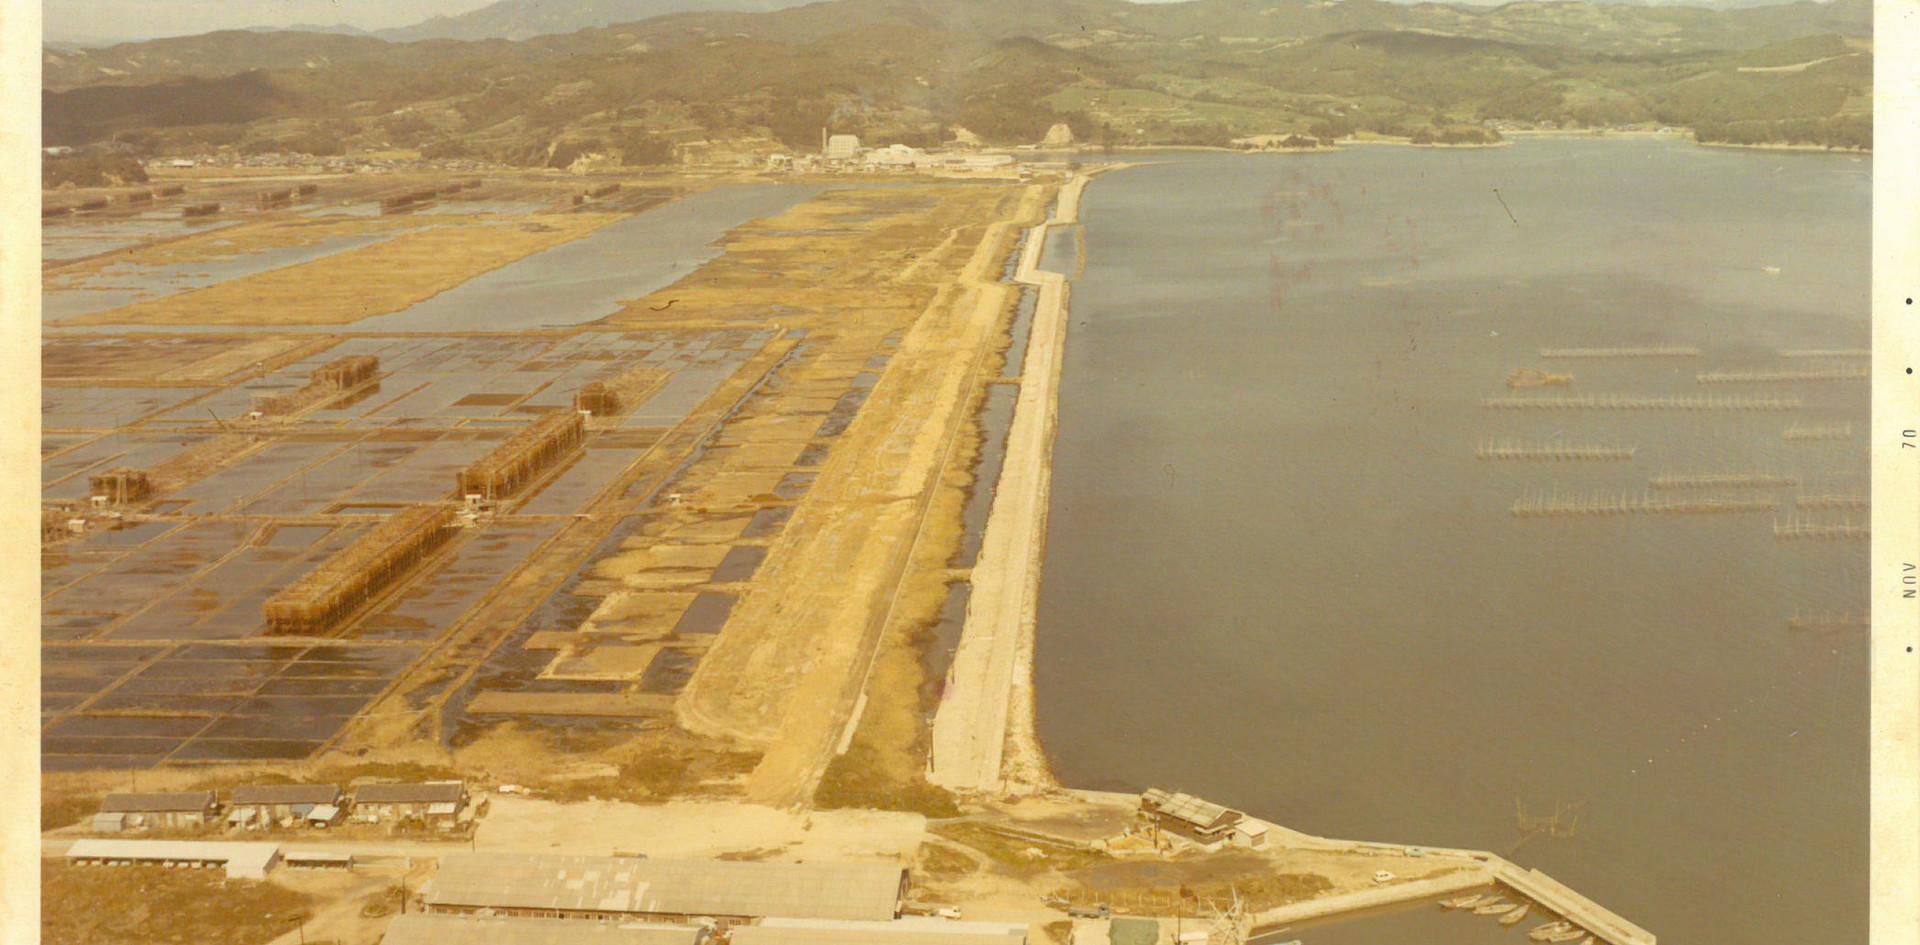 昭和40年代の錦海湾と塩田